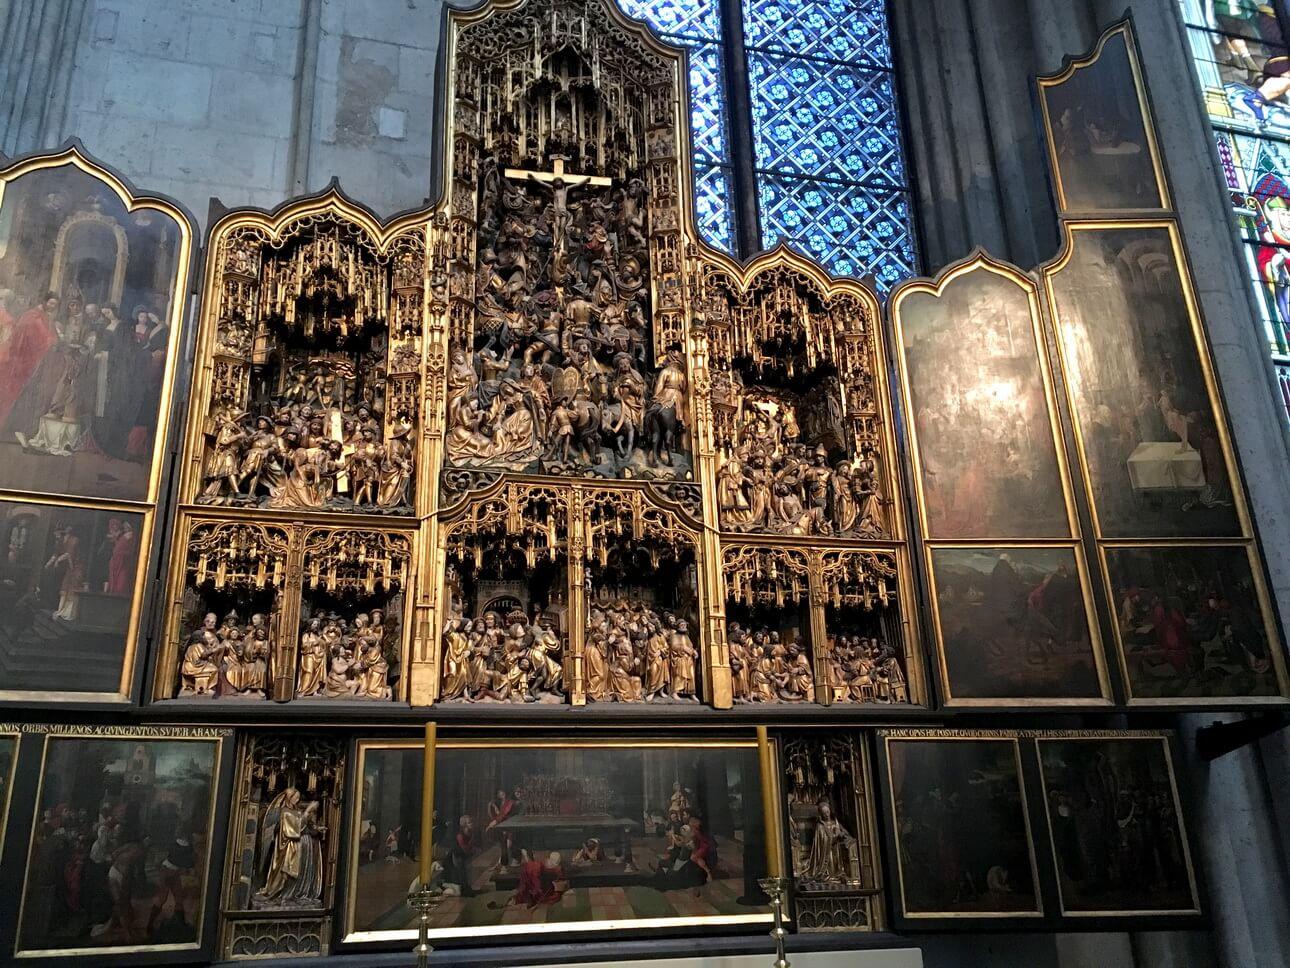 Interior de la catedral gótica de Colonia, Alemania. Patrimonio de la Humanidad por la UNESCO.